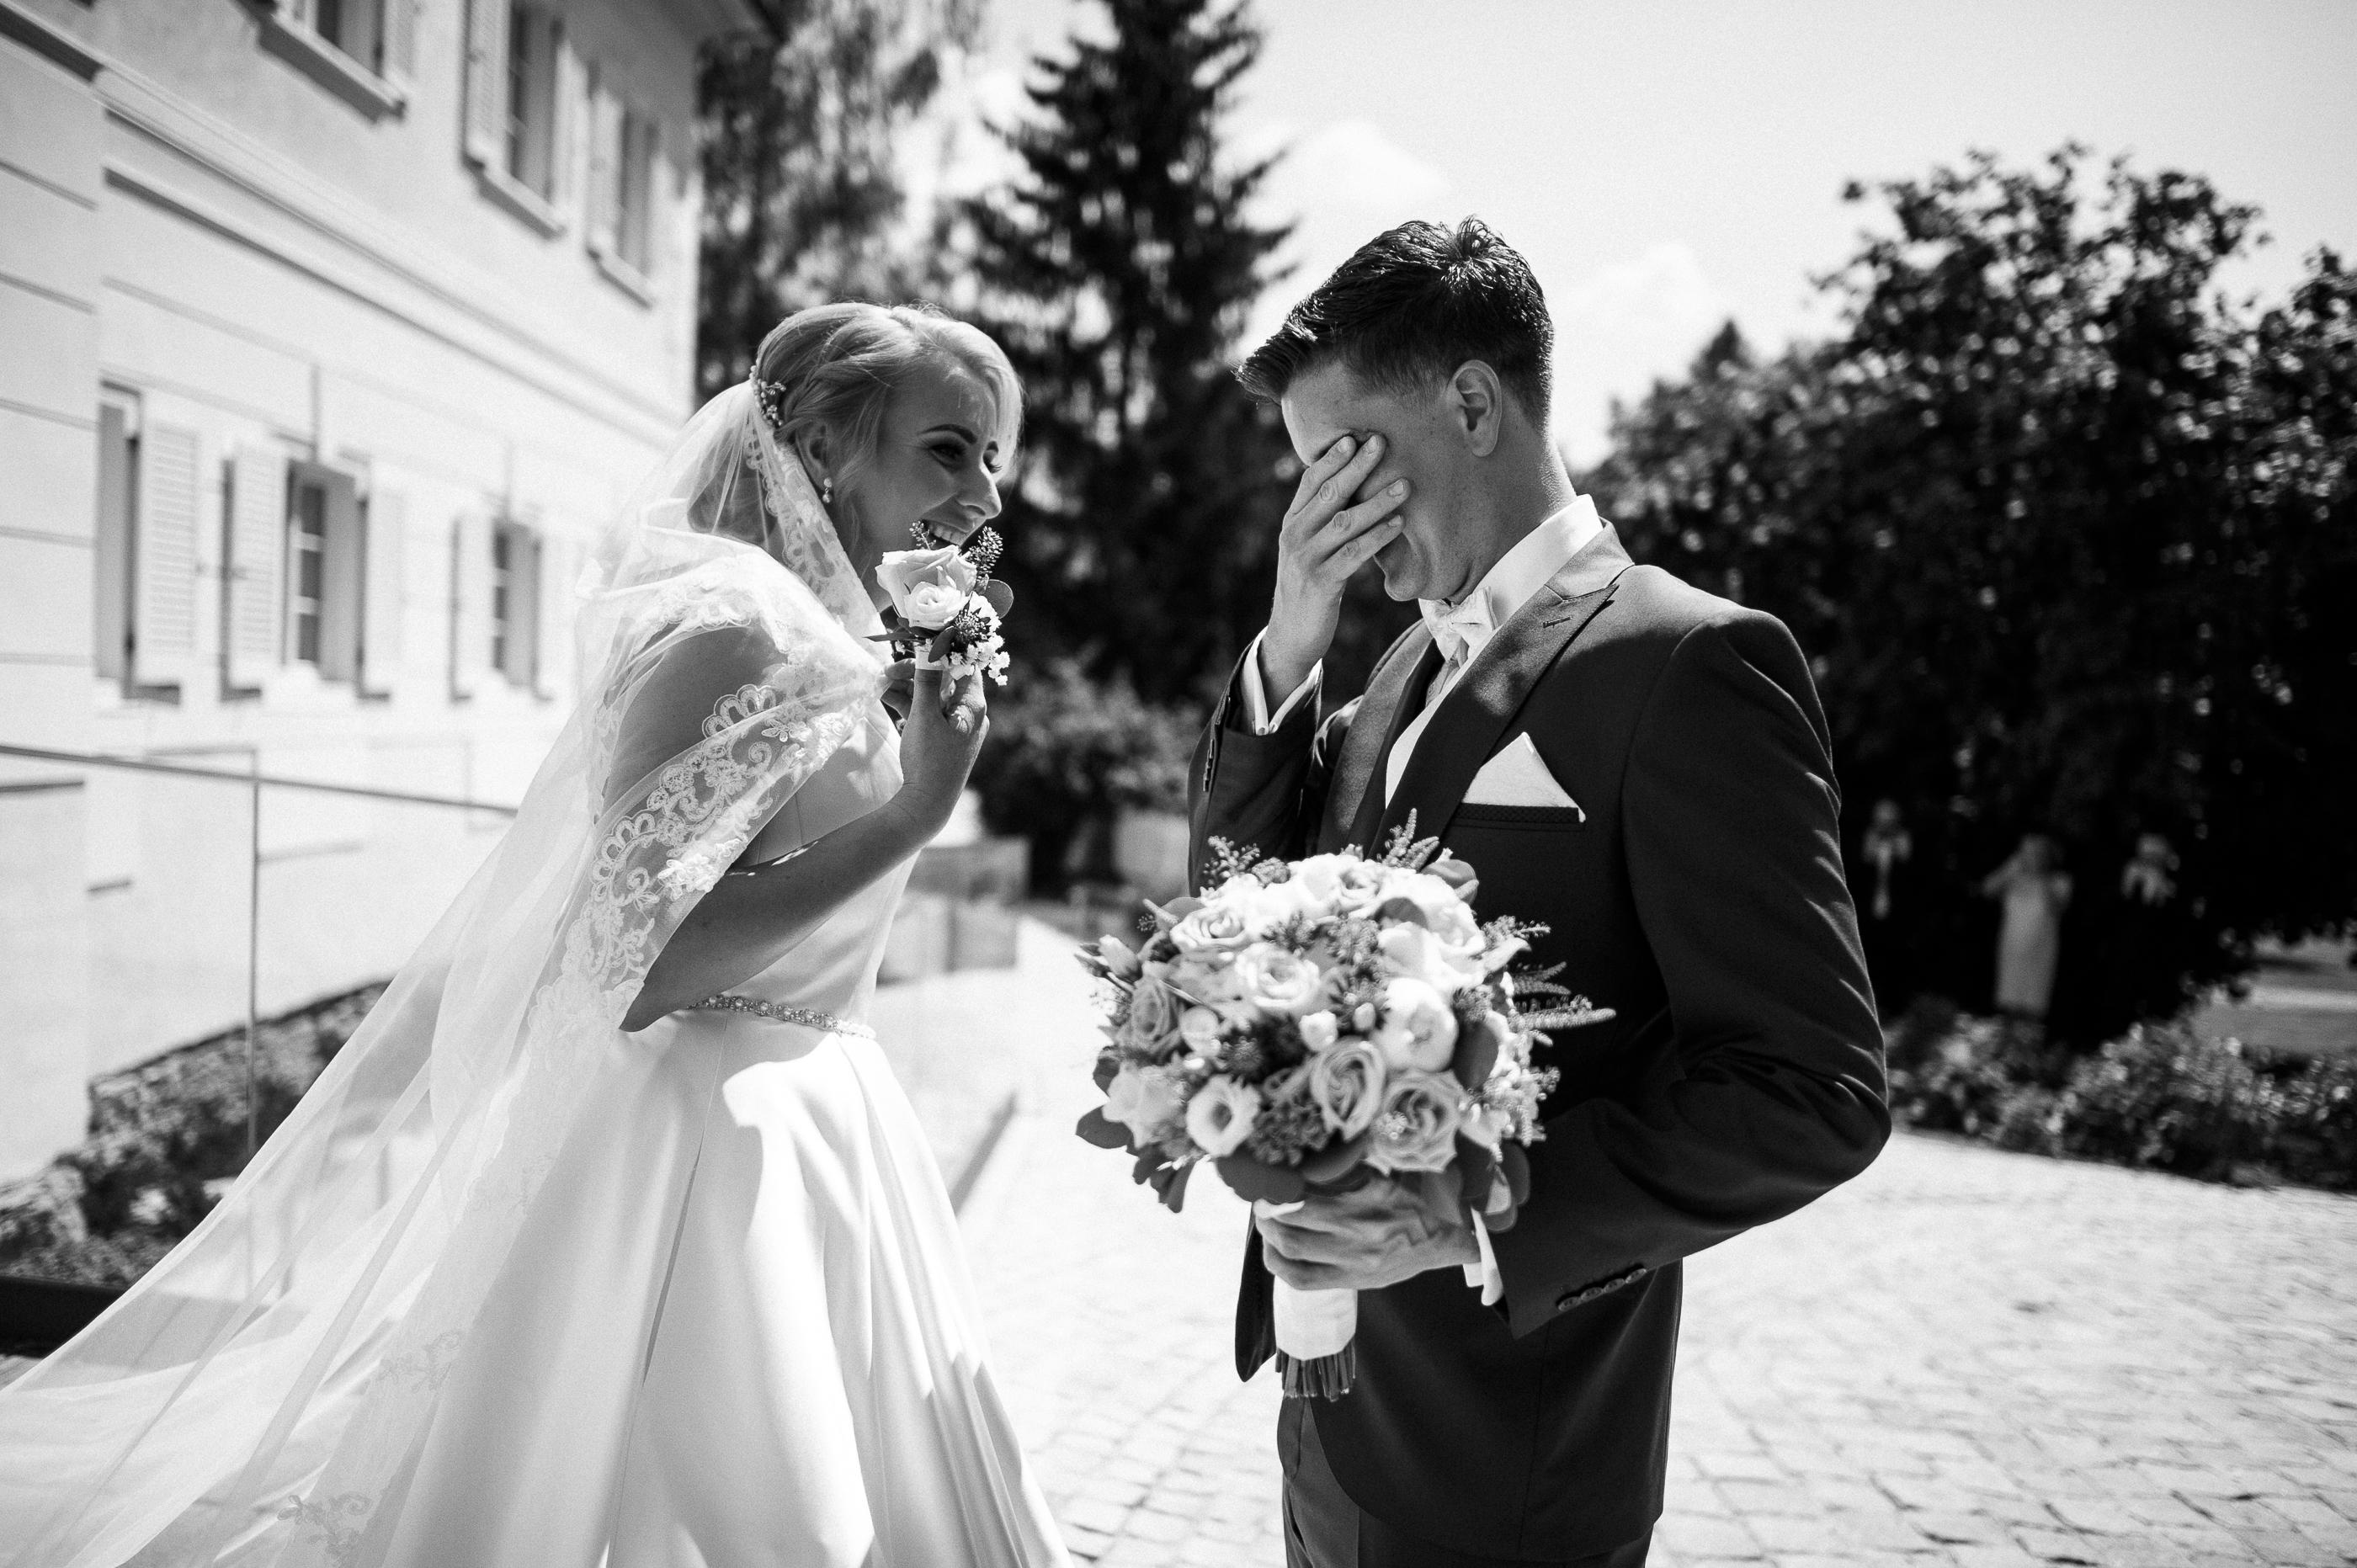 Tinka & Michal